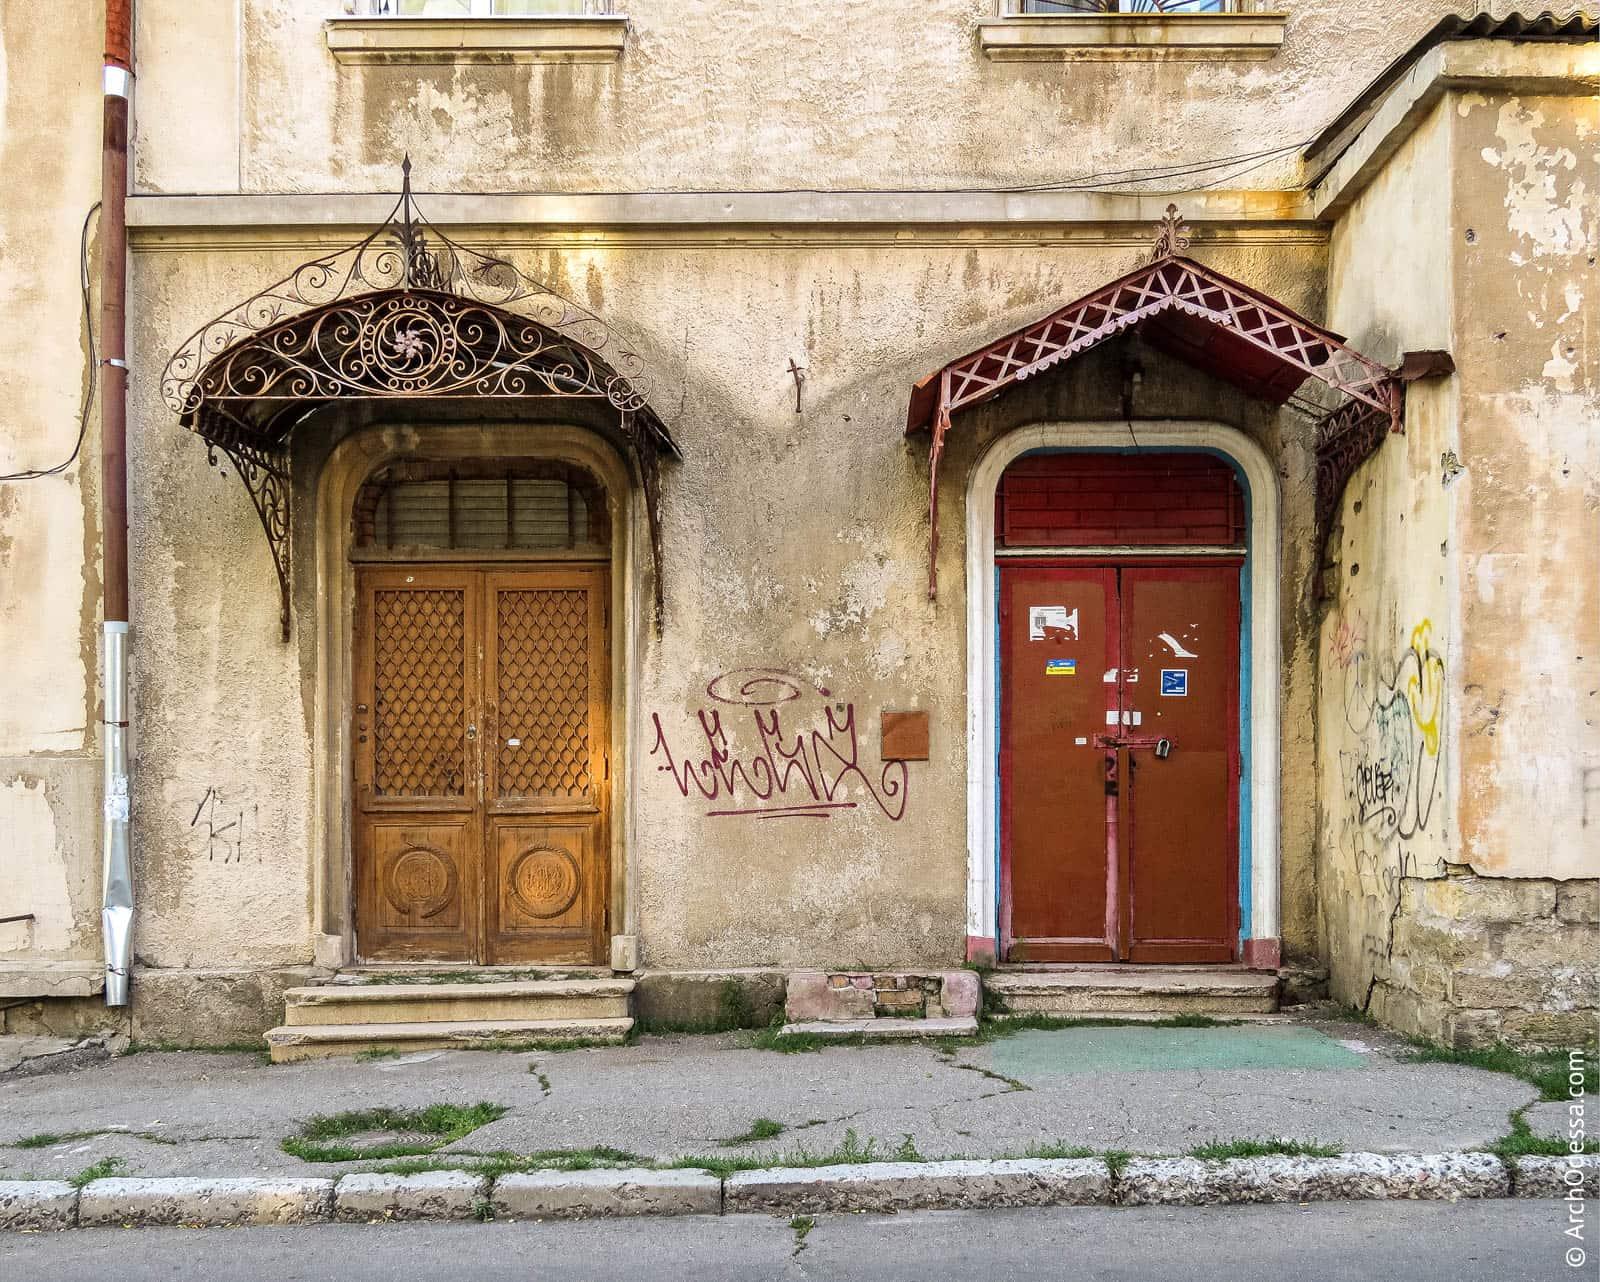 Общий вид обеих дверей и козырьков над ними